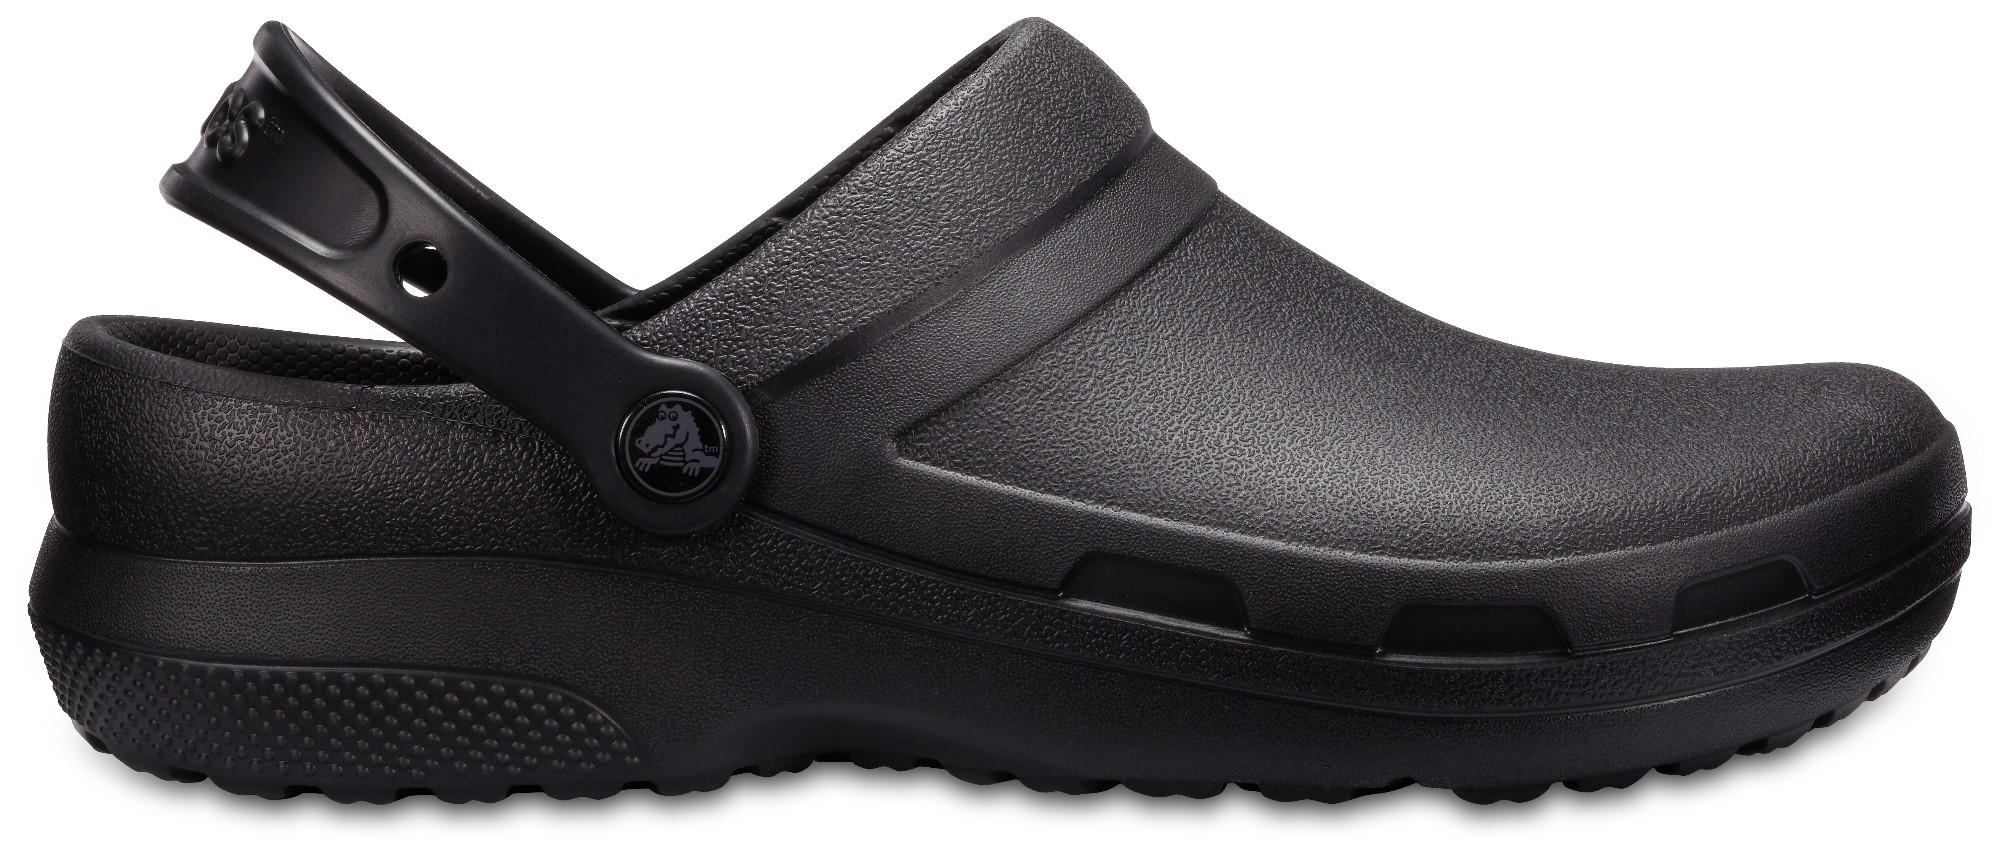 Crocs™ Specialist II Clog Black 43,5